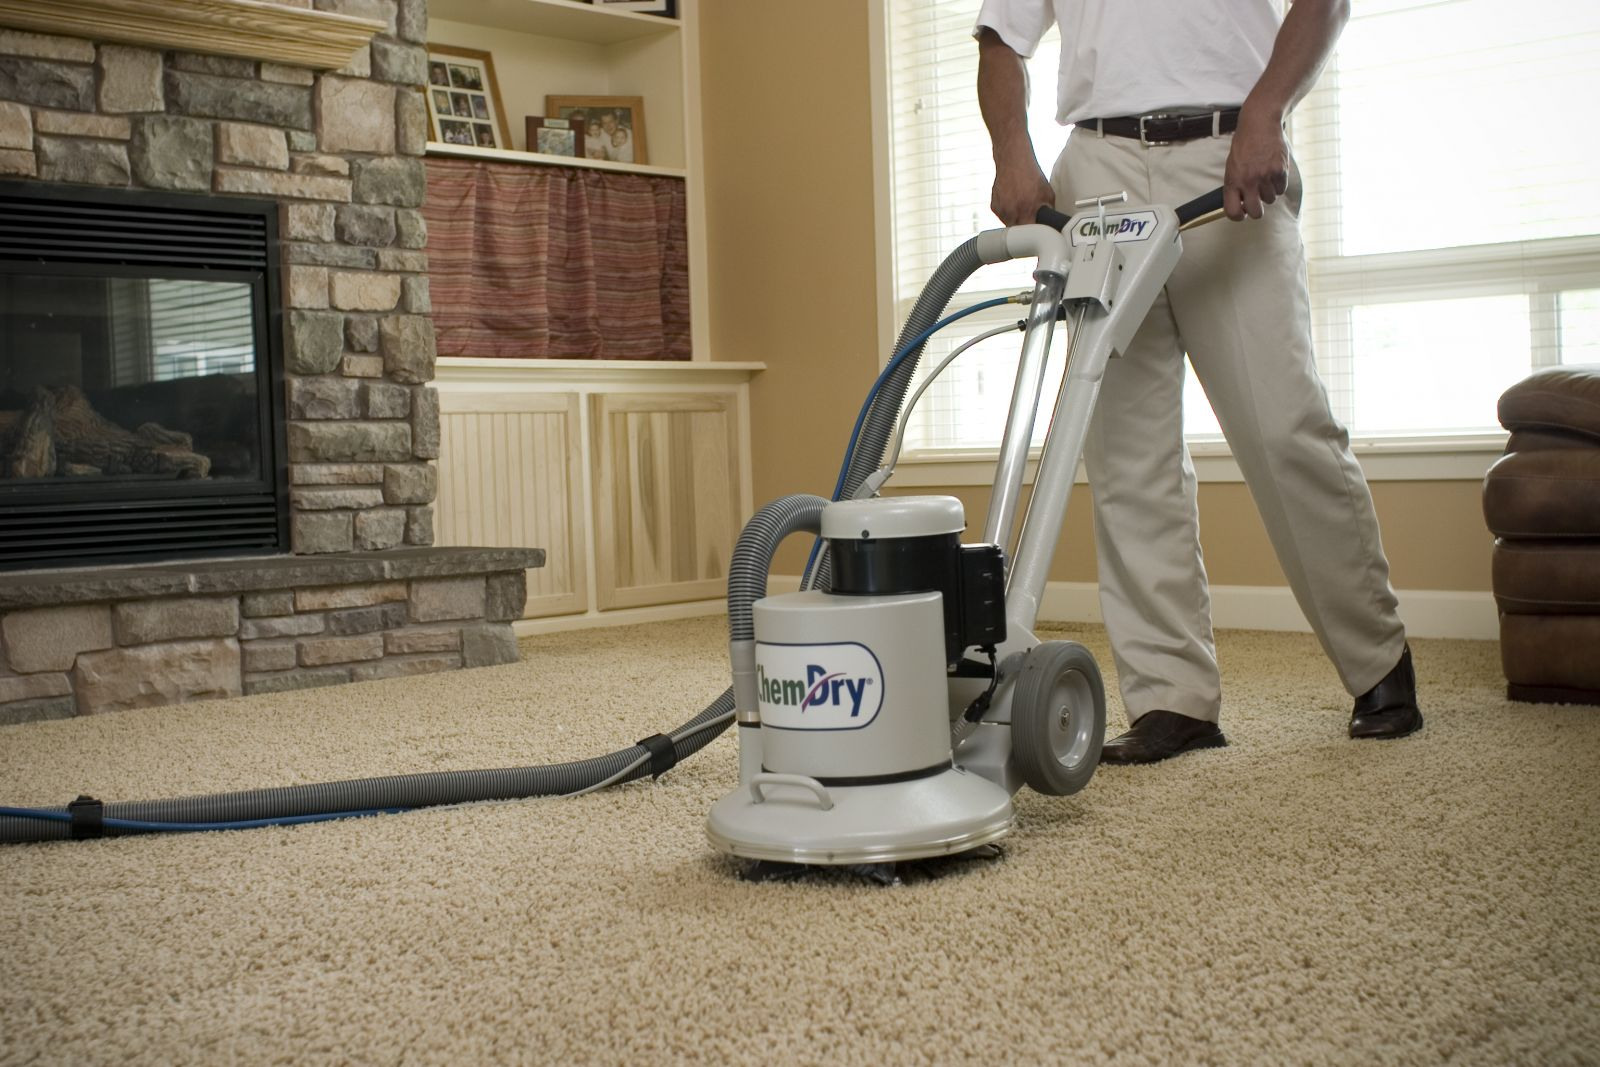 dọn dẹp nhà cửa nhanh chóng siêu sạch